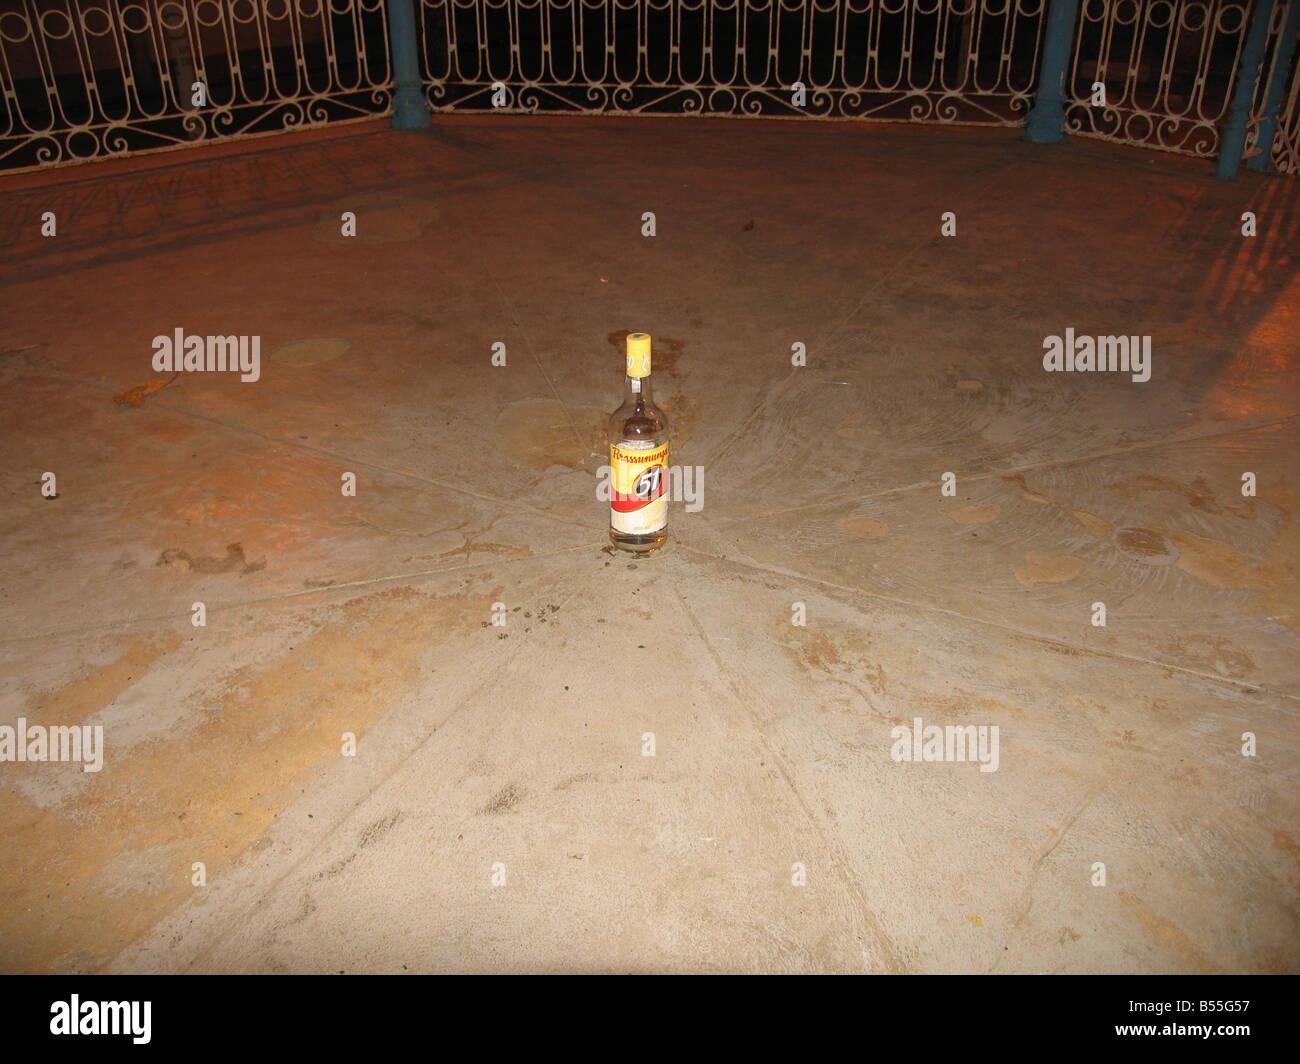 Aguardiente de caña de azúcar en el vaso de un quiosco (garrafa de cachaça 51 ningún centro de um coreto), Sepetiba, Rio de Janeiro, Brasil Foto de stock